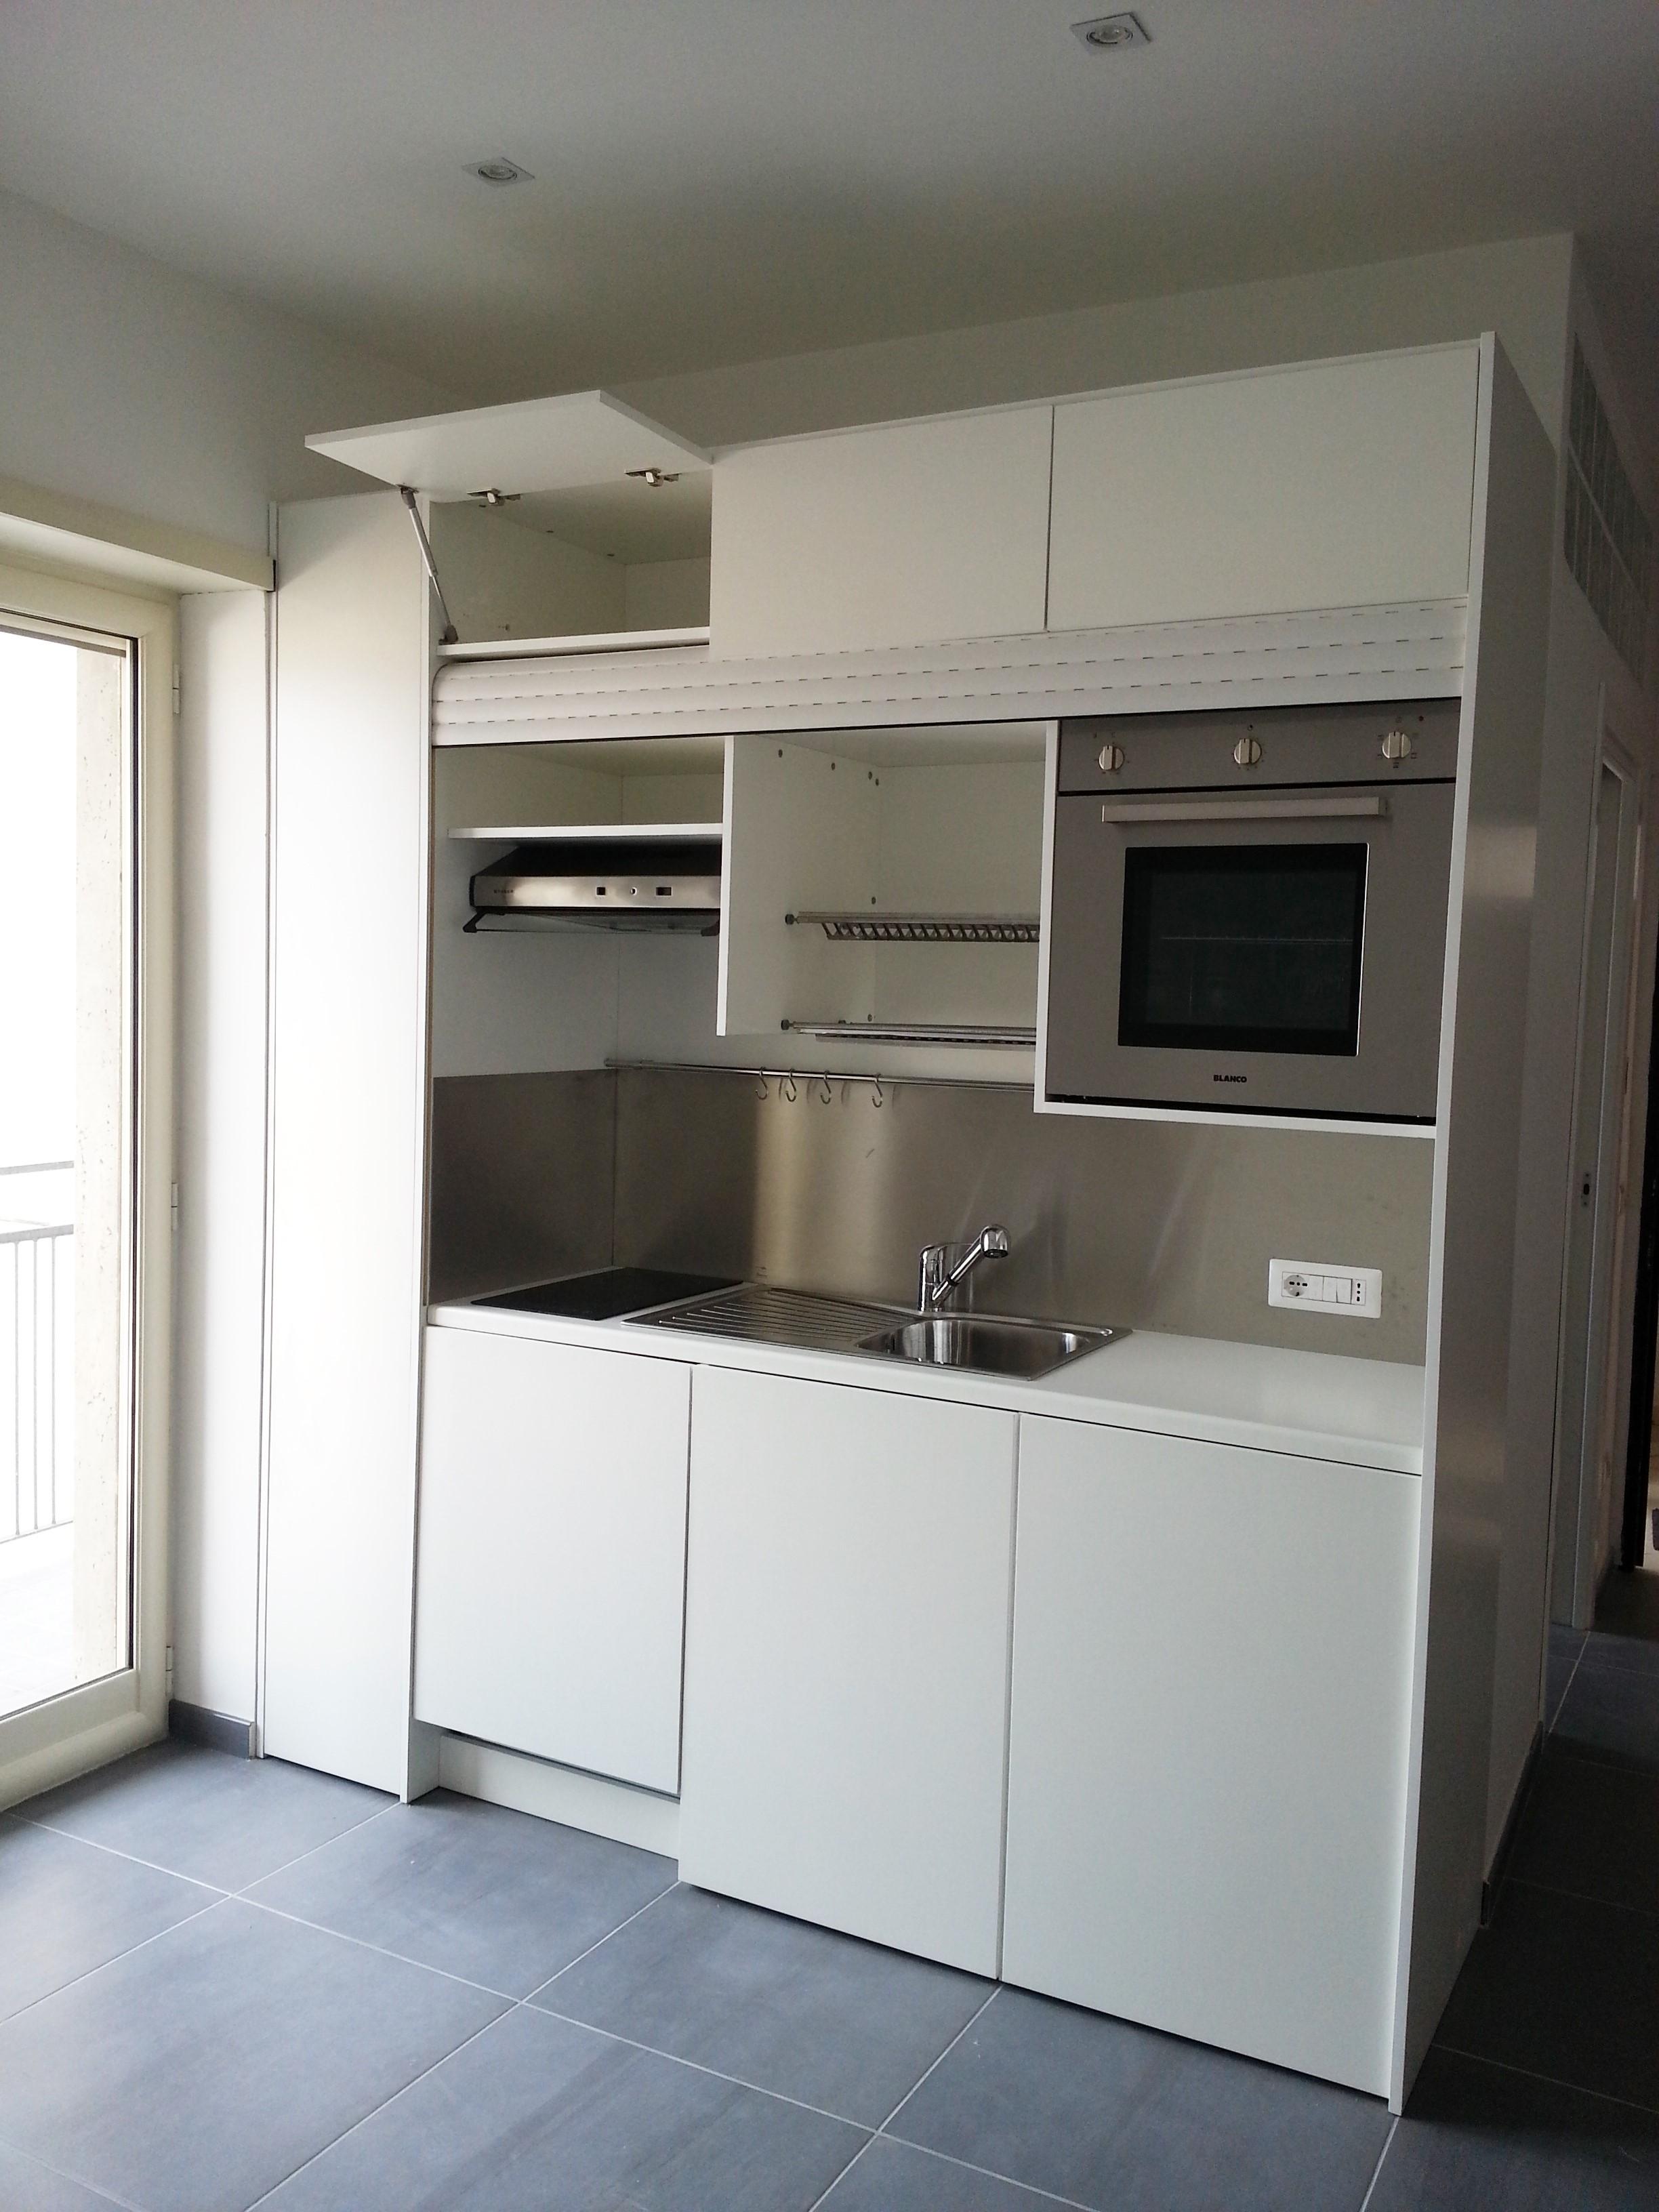 Cucina completa di tutto lavastoviglia forno in armadio compact art ...